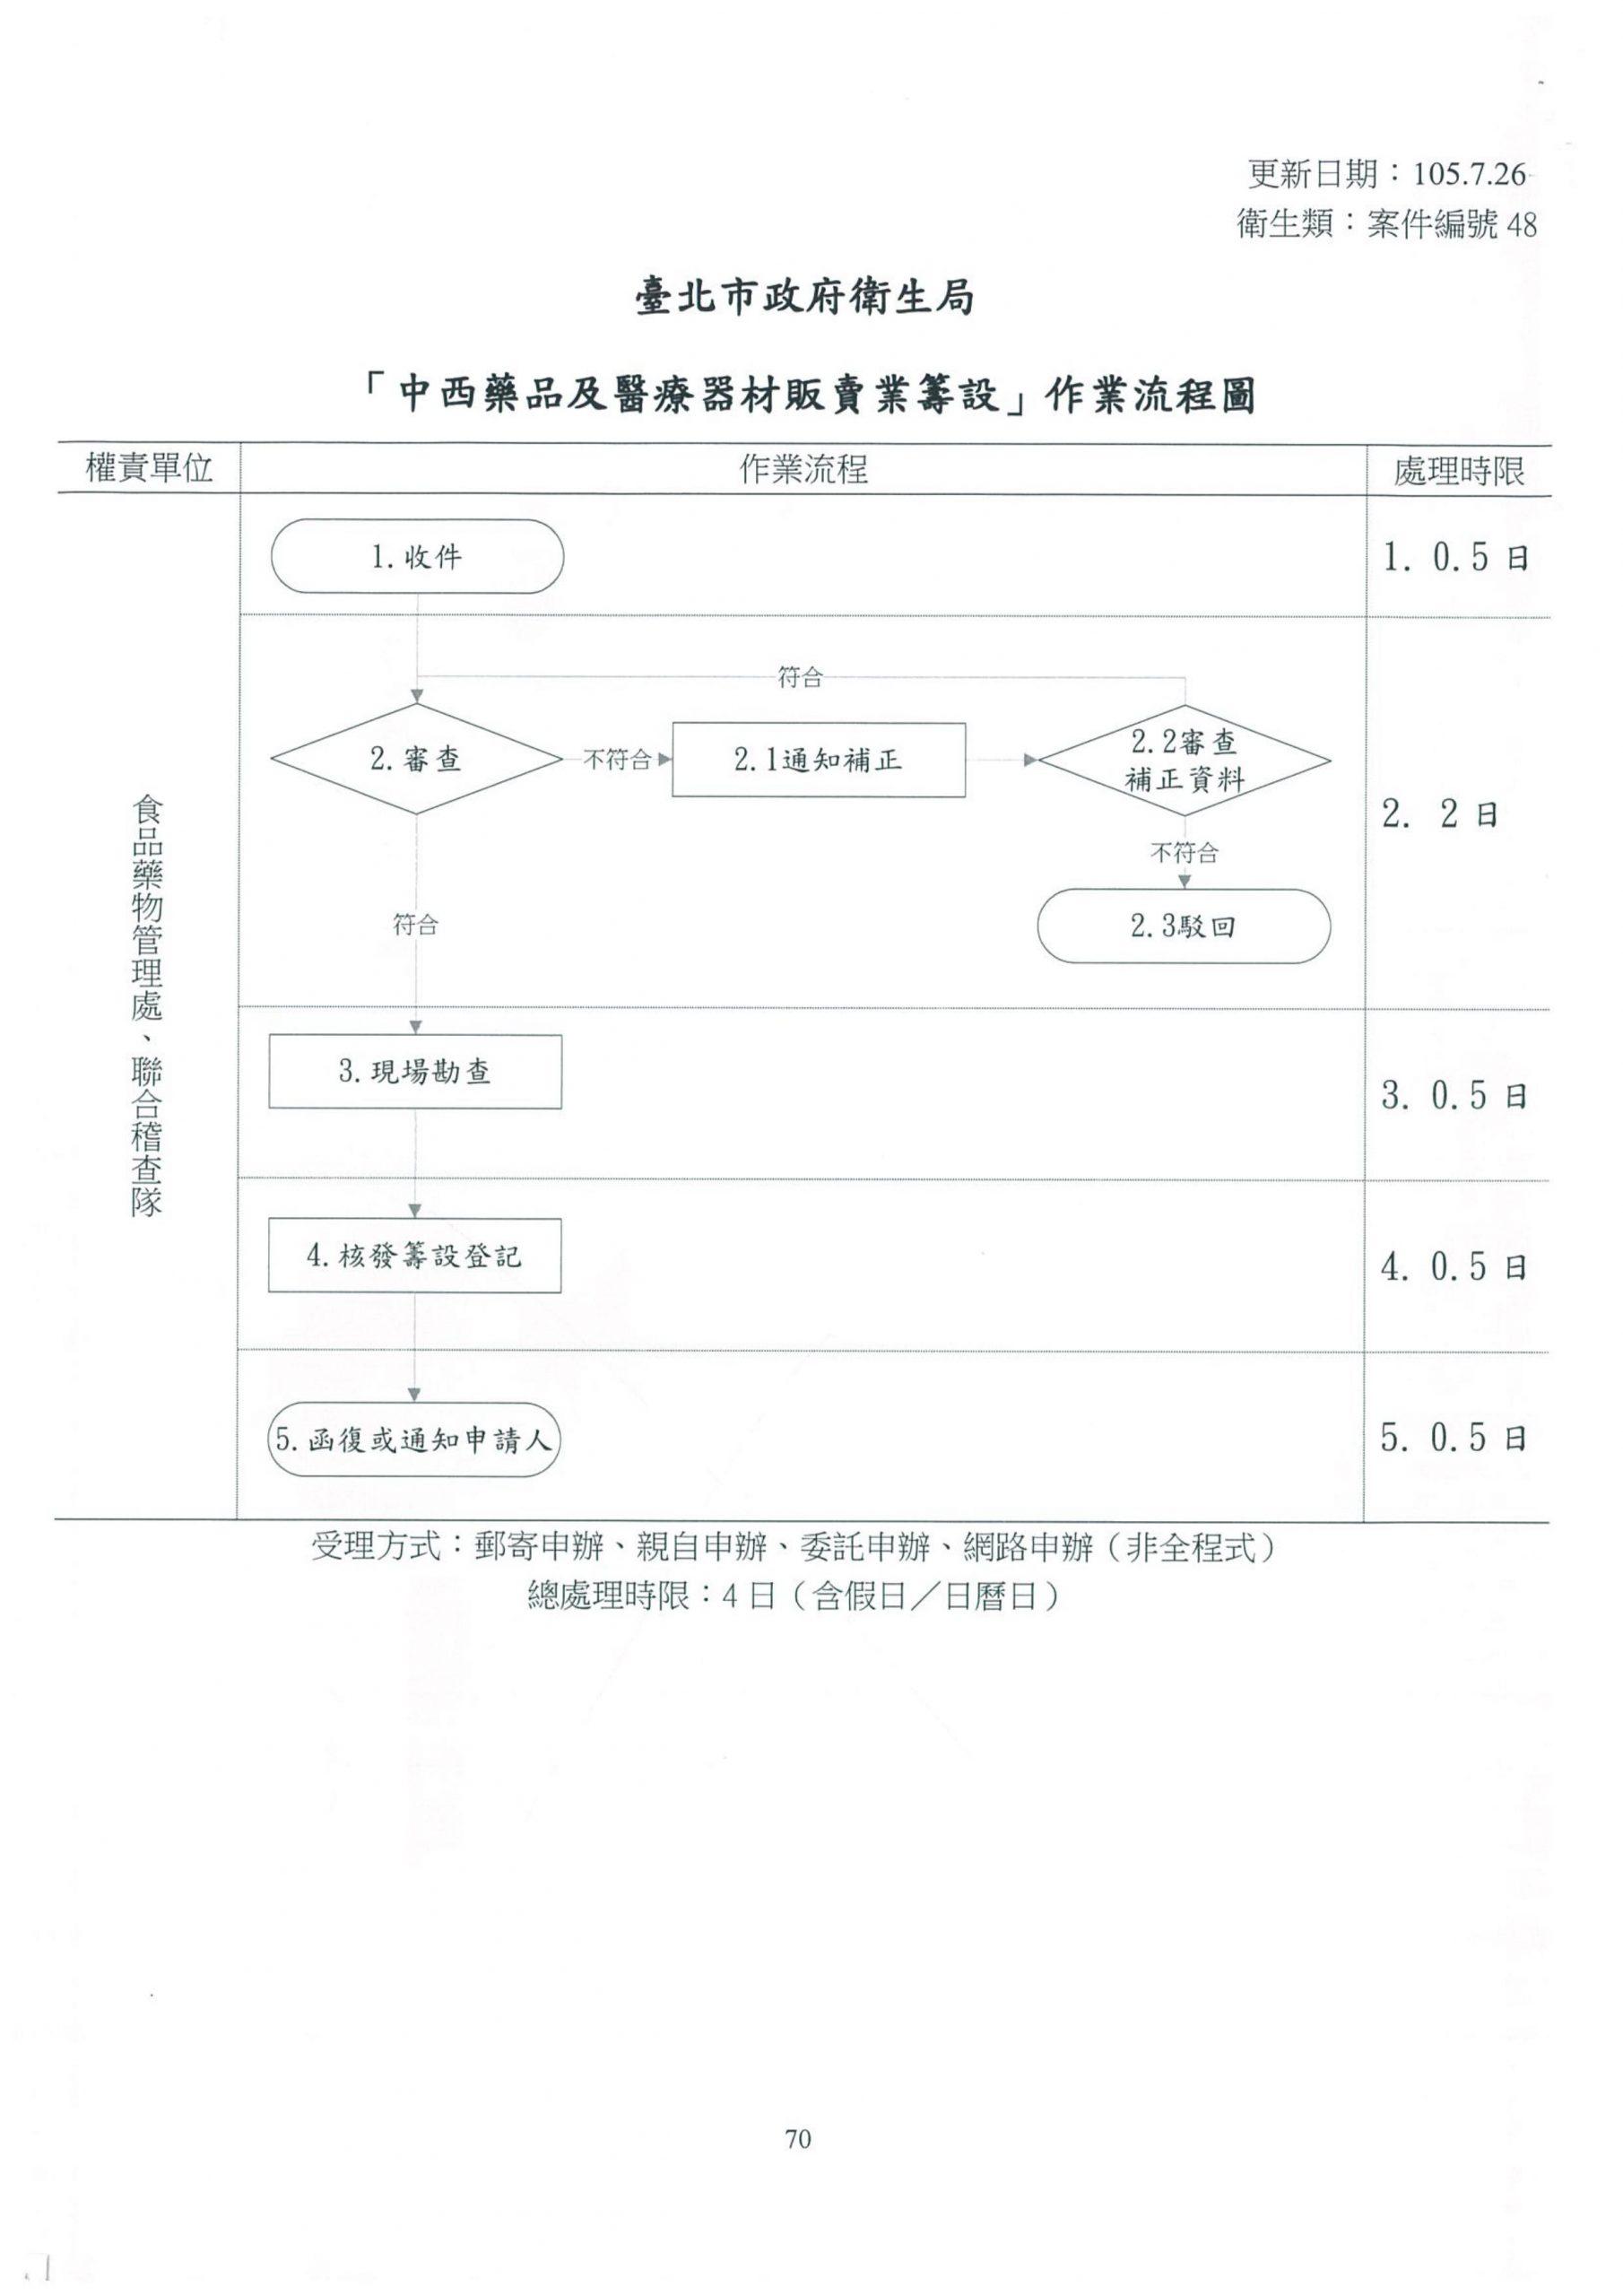 中西藥品及醫療器材販賣業籌設(藥局許可)